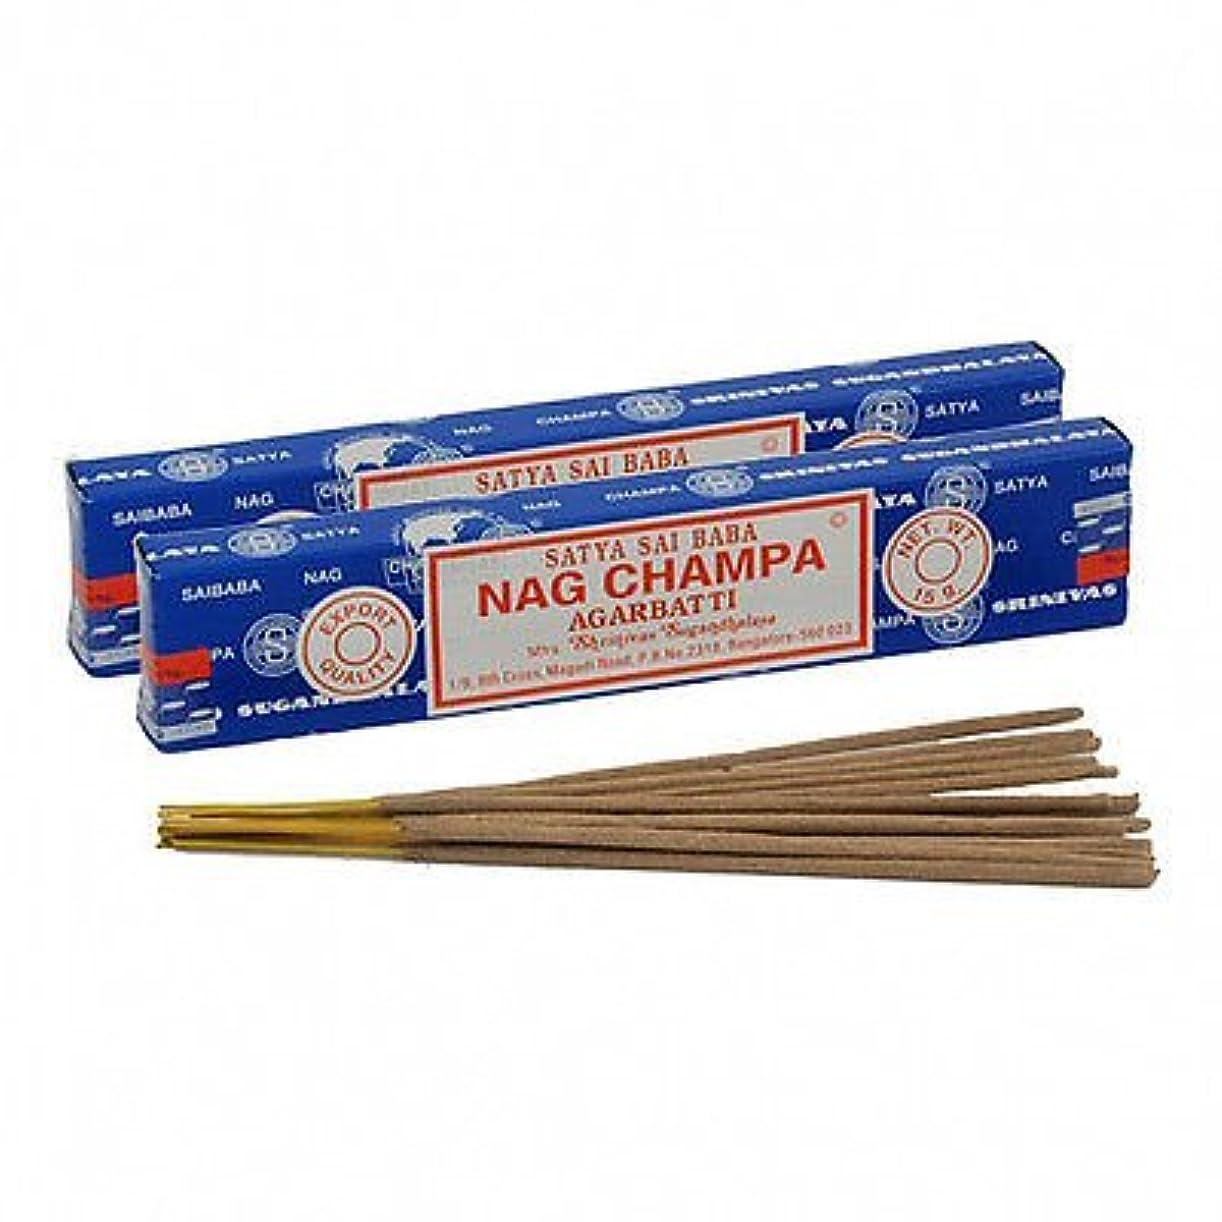 規制終わり飢Satya Sai Baba Nag Champa Incense 180 gm ( 15g12 )